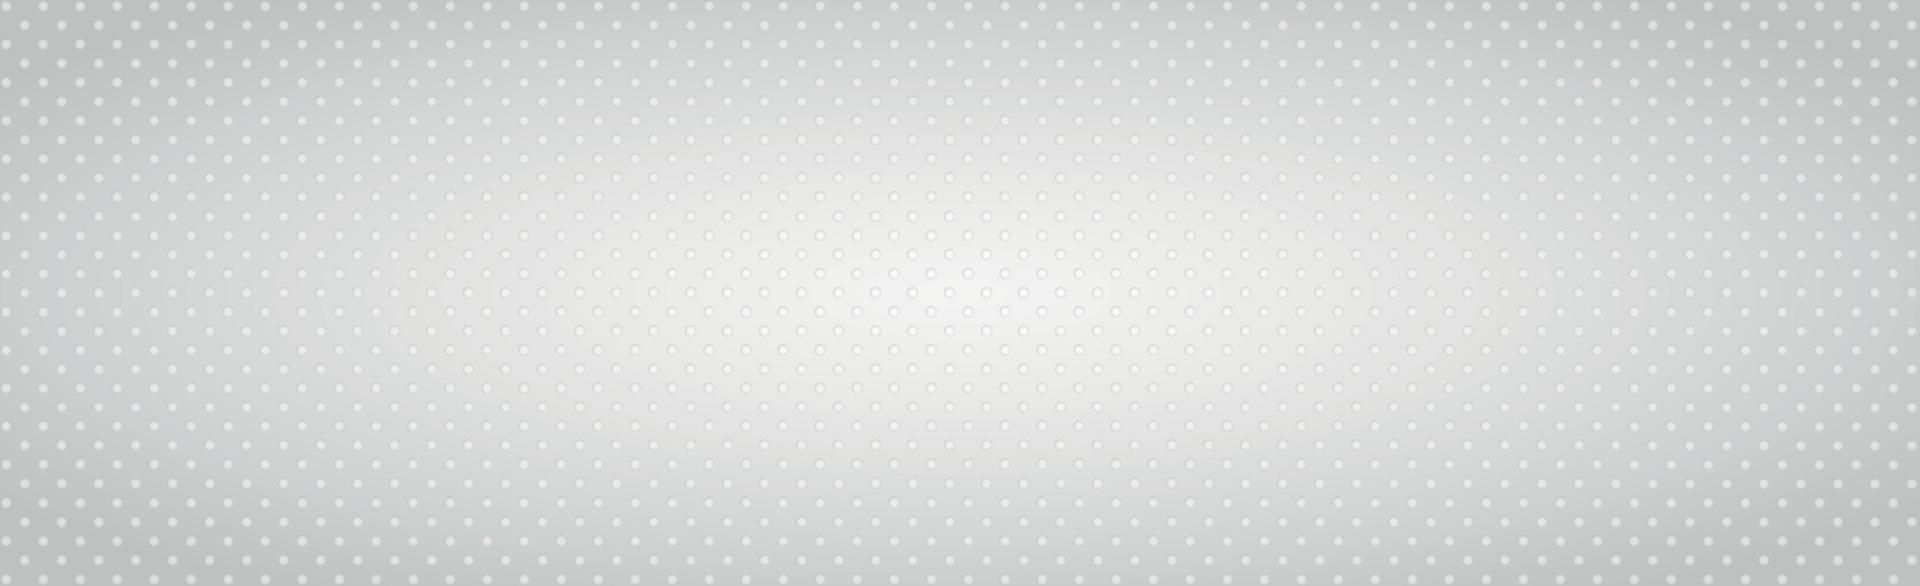 abstrakt vit bakgrund som består av grå cirklar - vektor